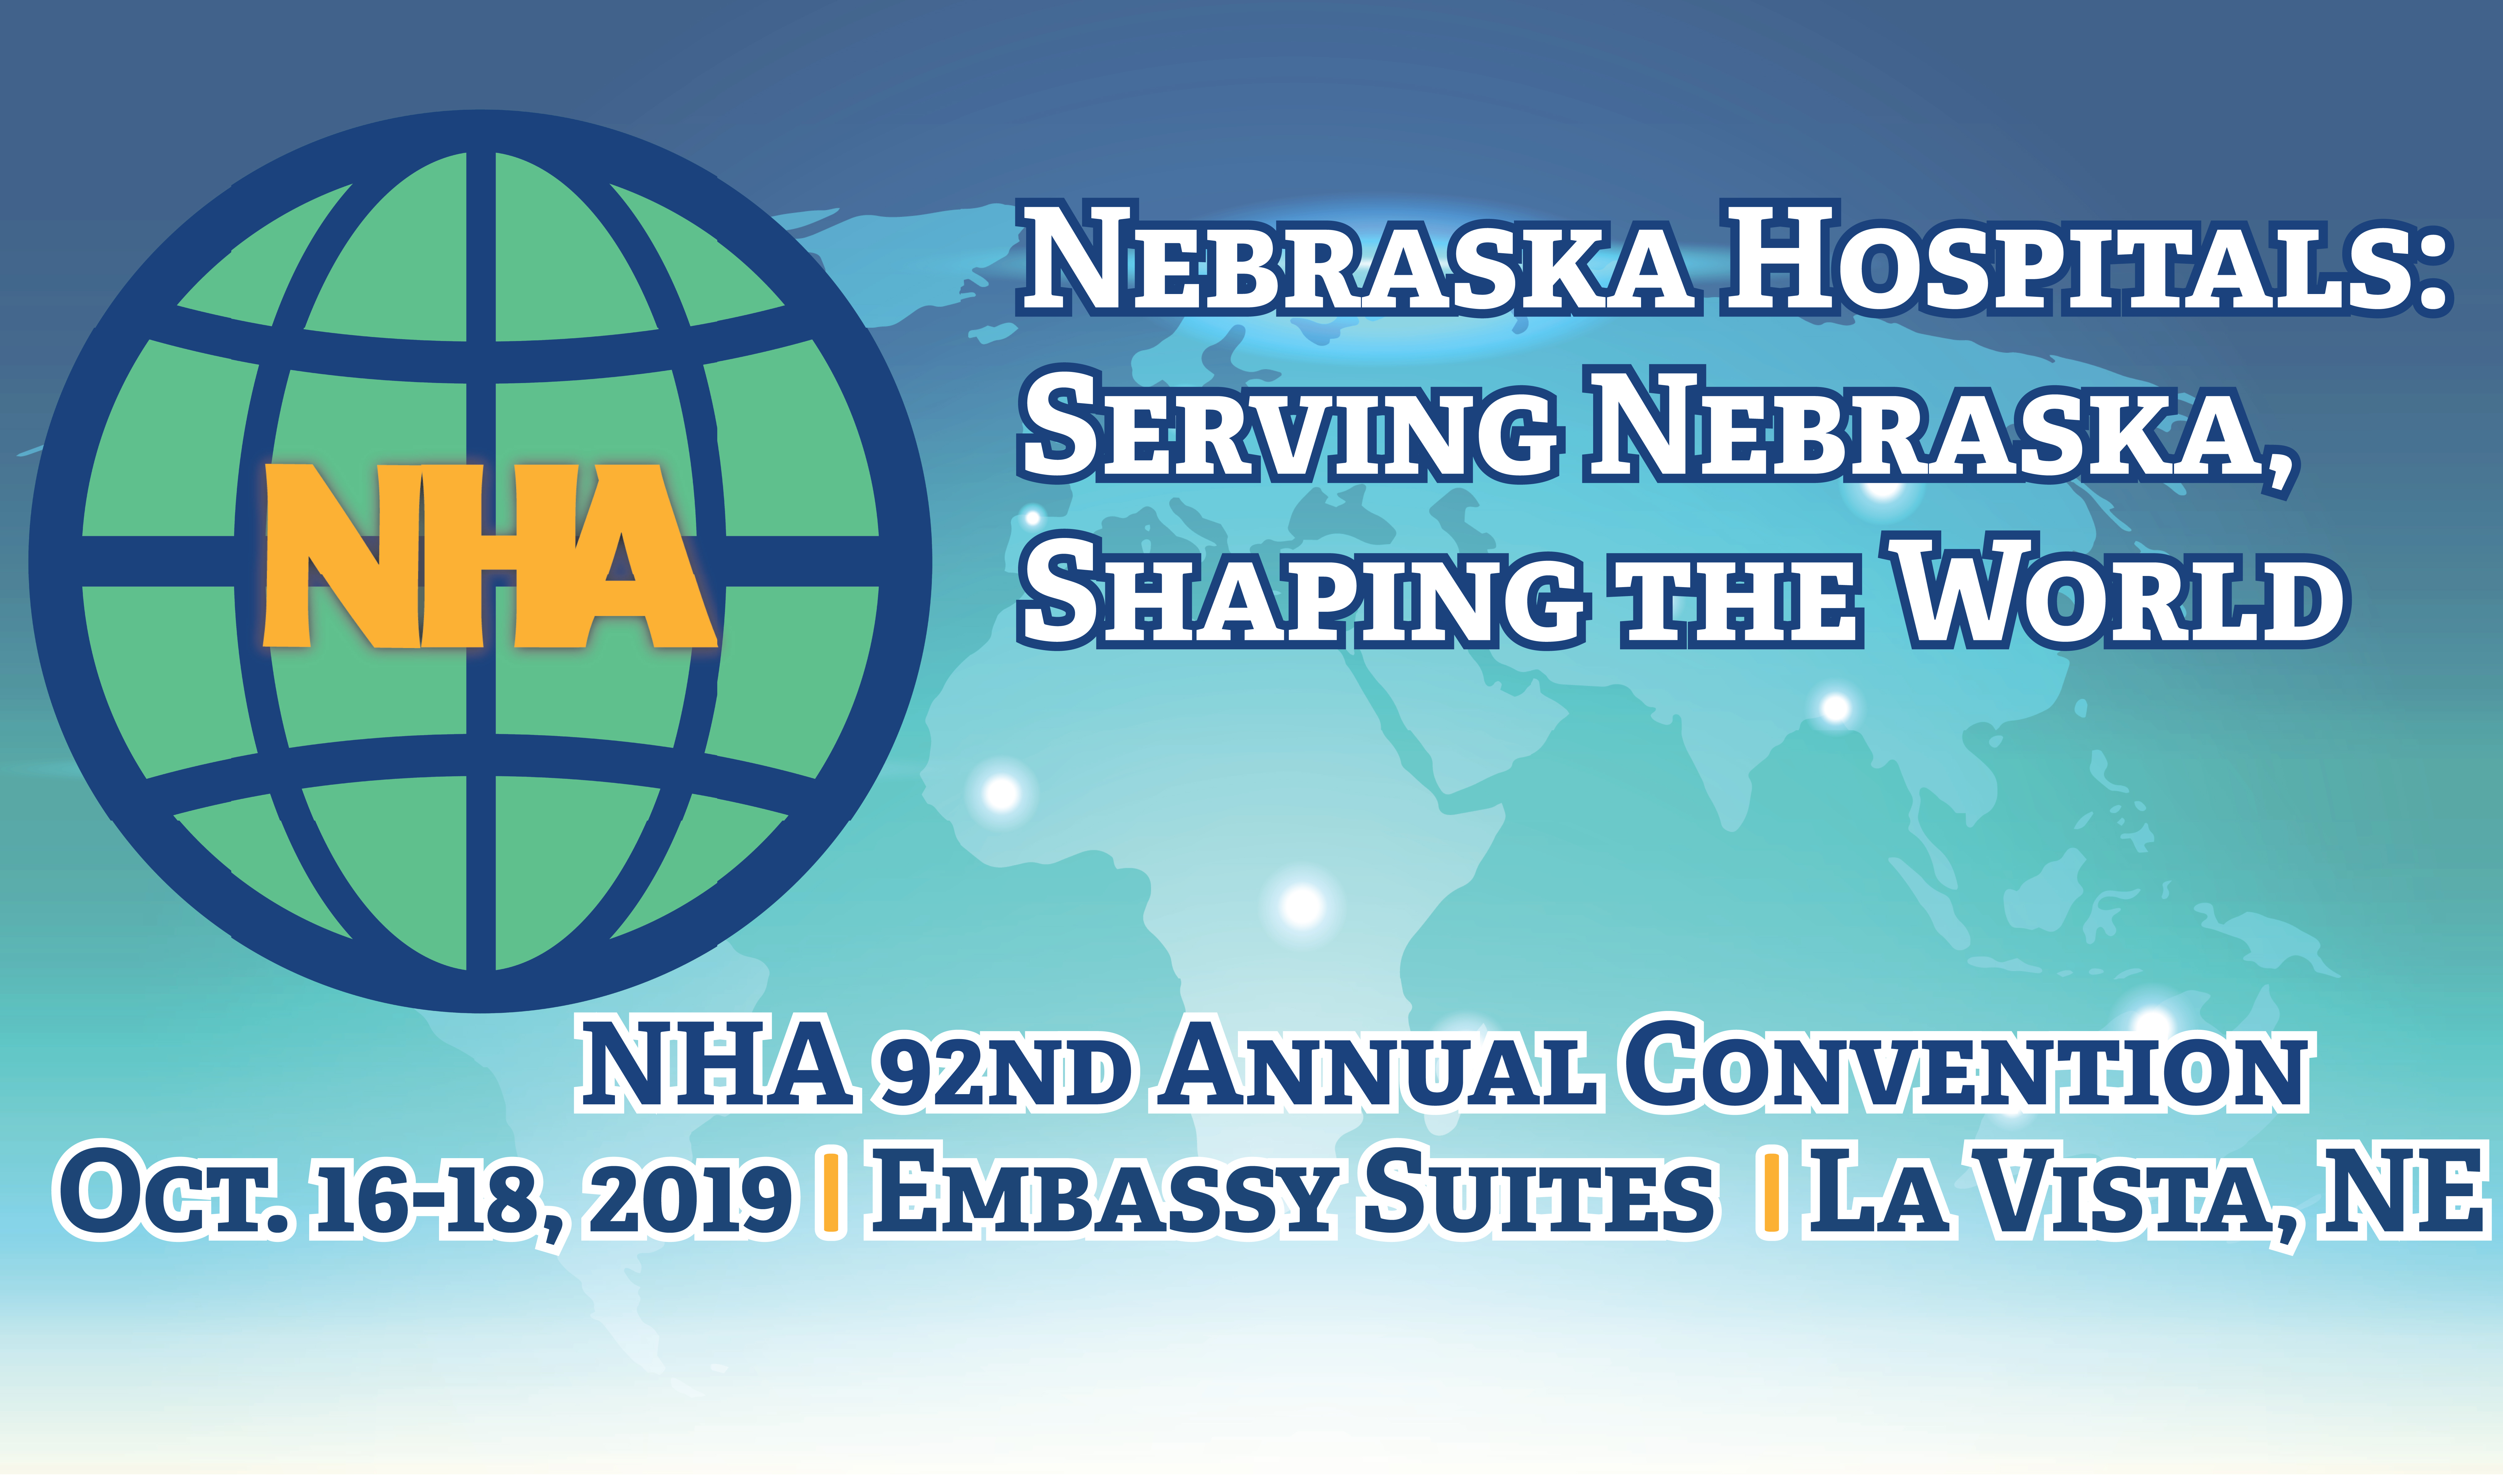 2019 NHA Annual Convention